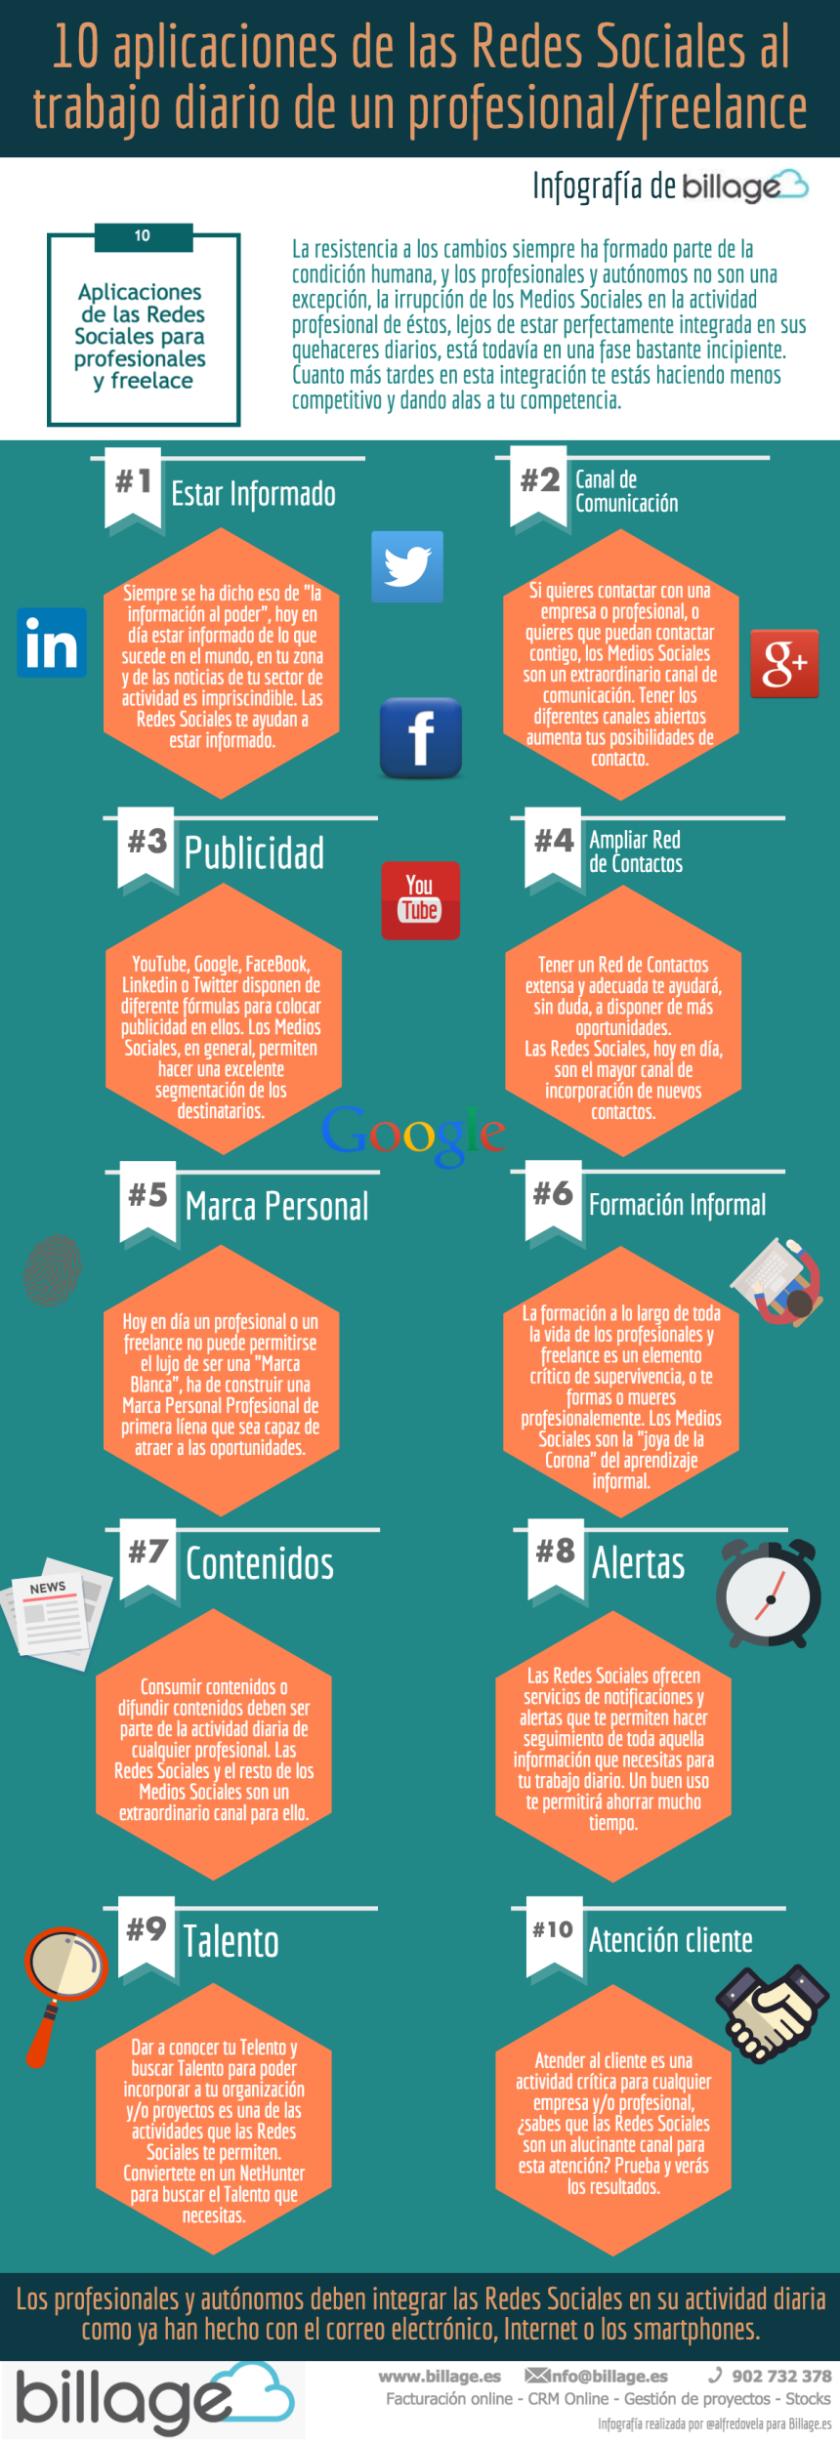 10-aplicaciones-redes-sociales-1